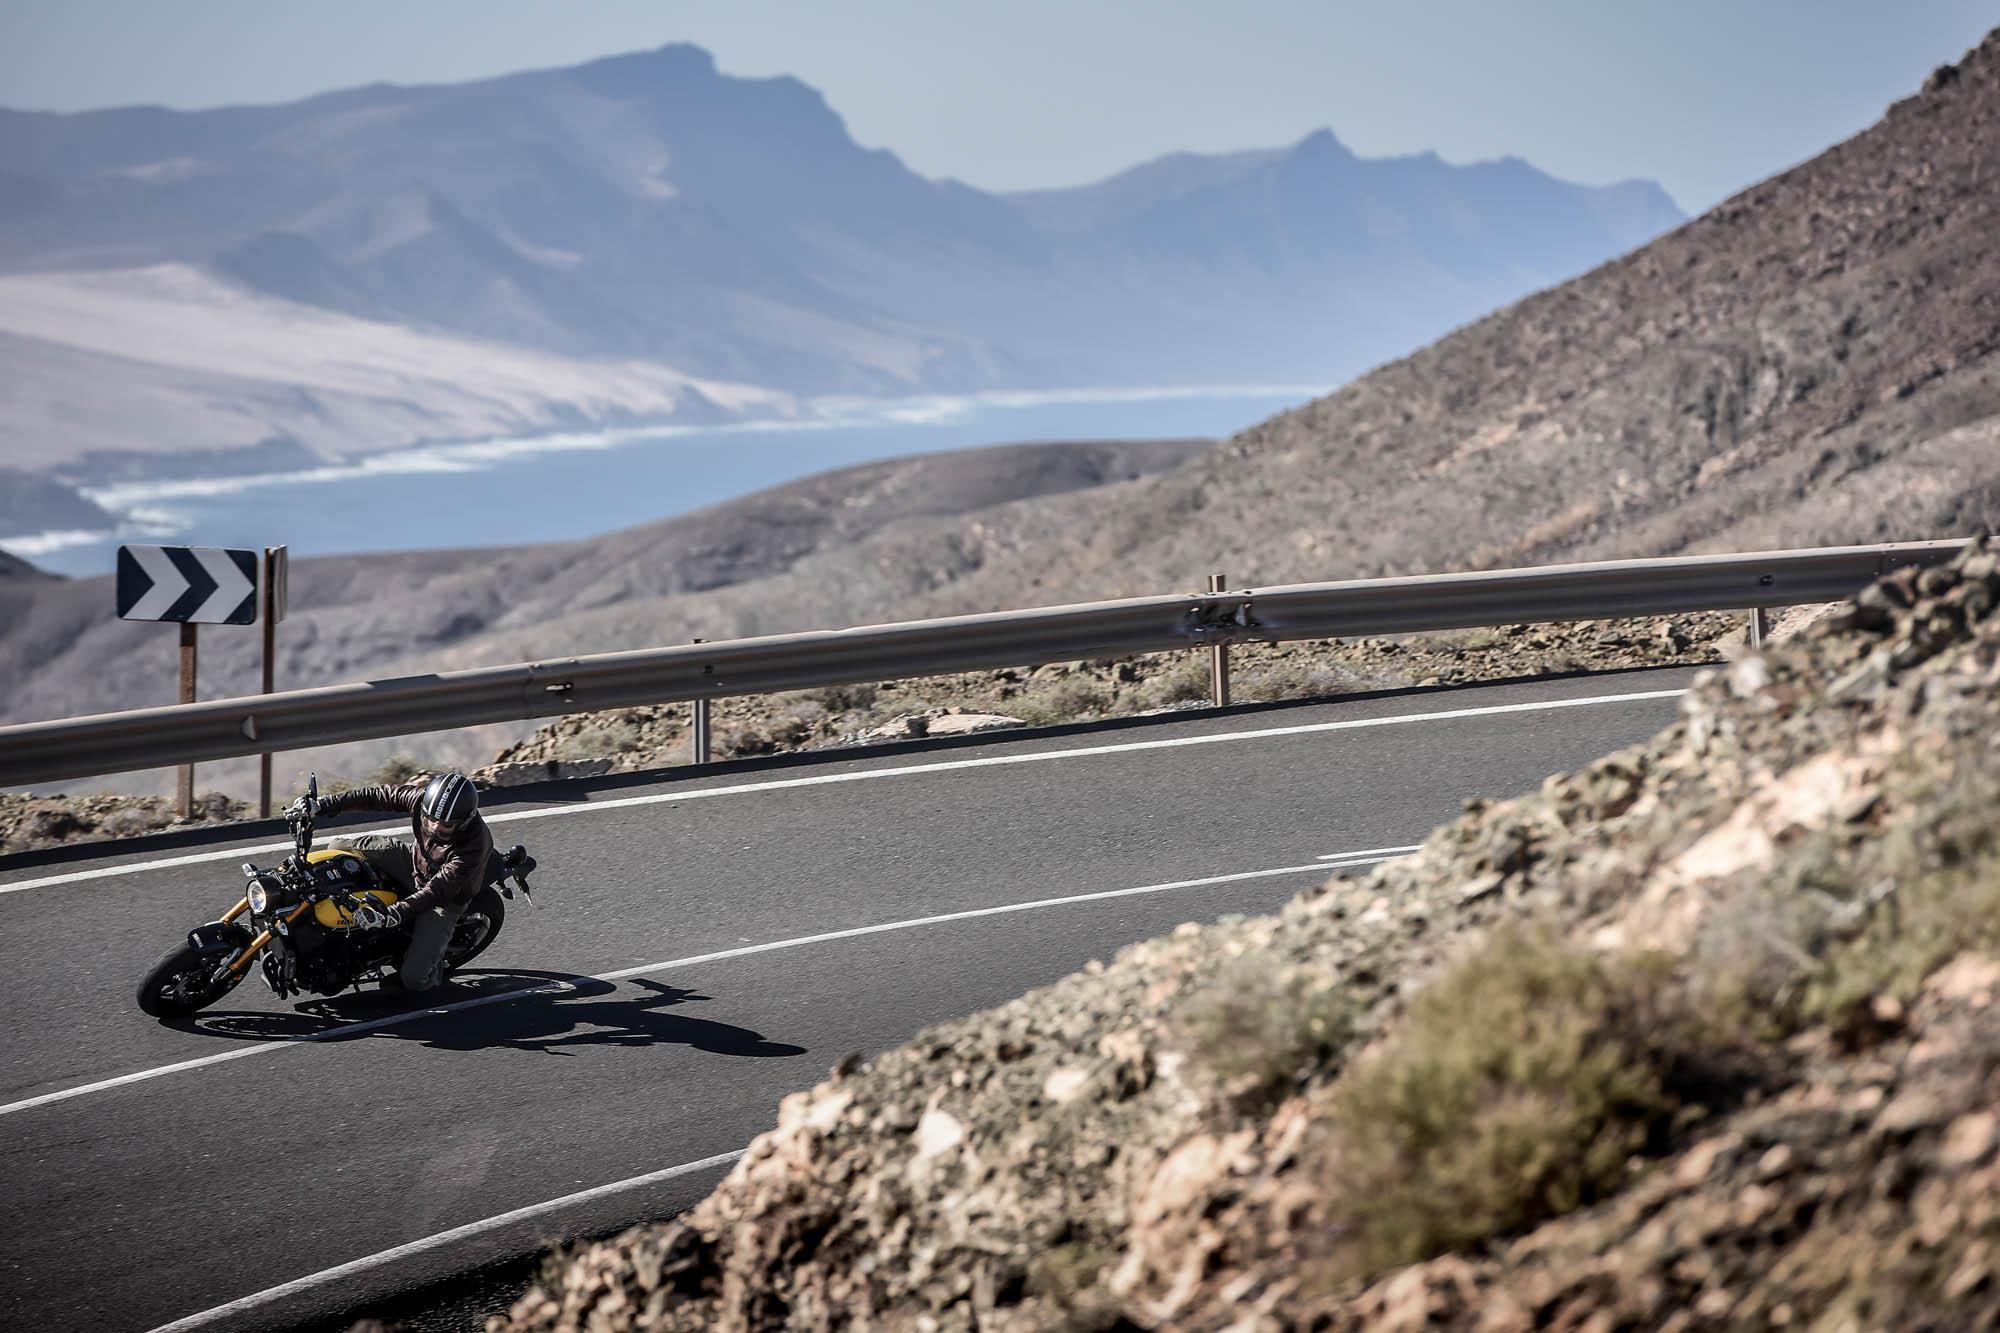 Bilder von Motorradgirls MOTORRADonlinede